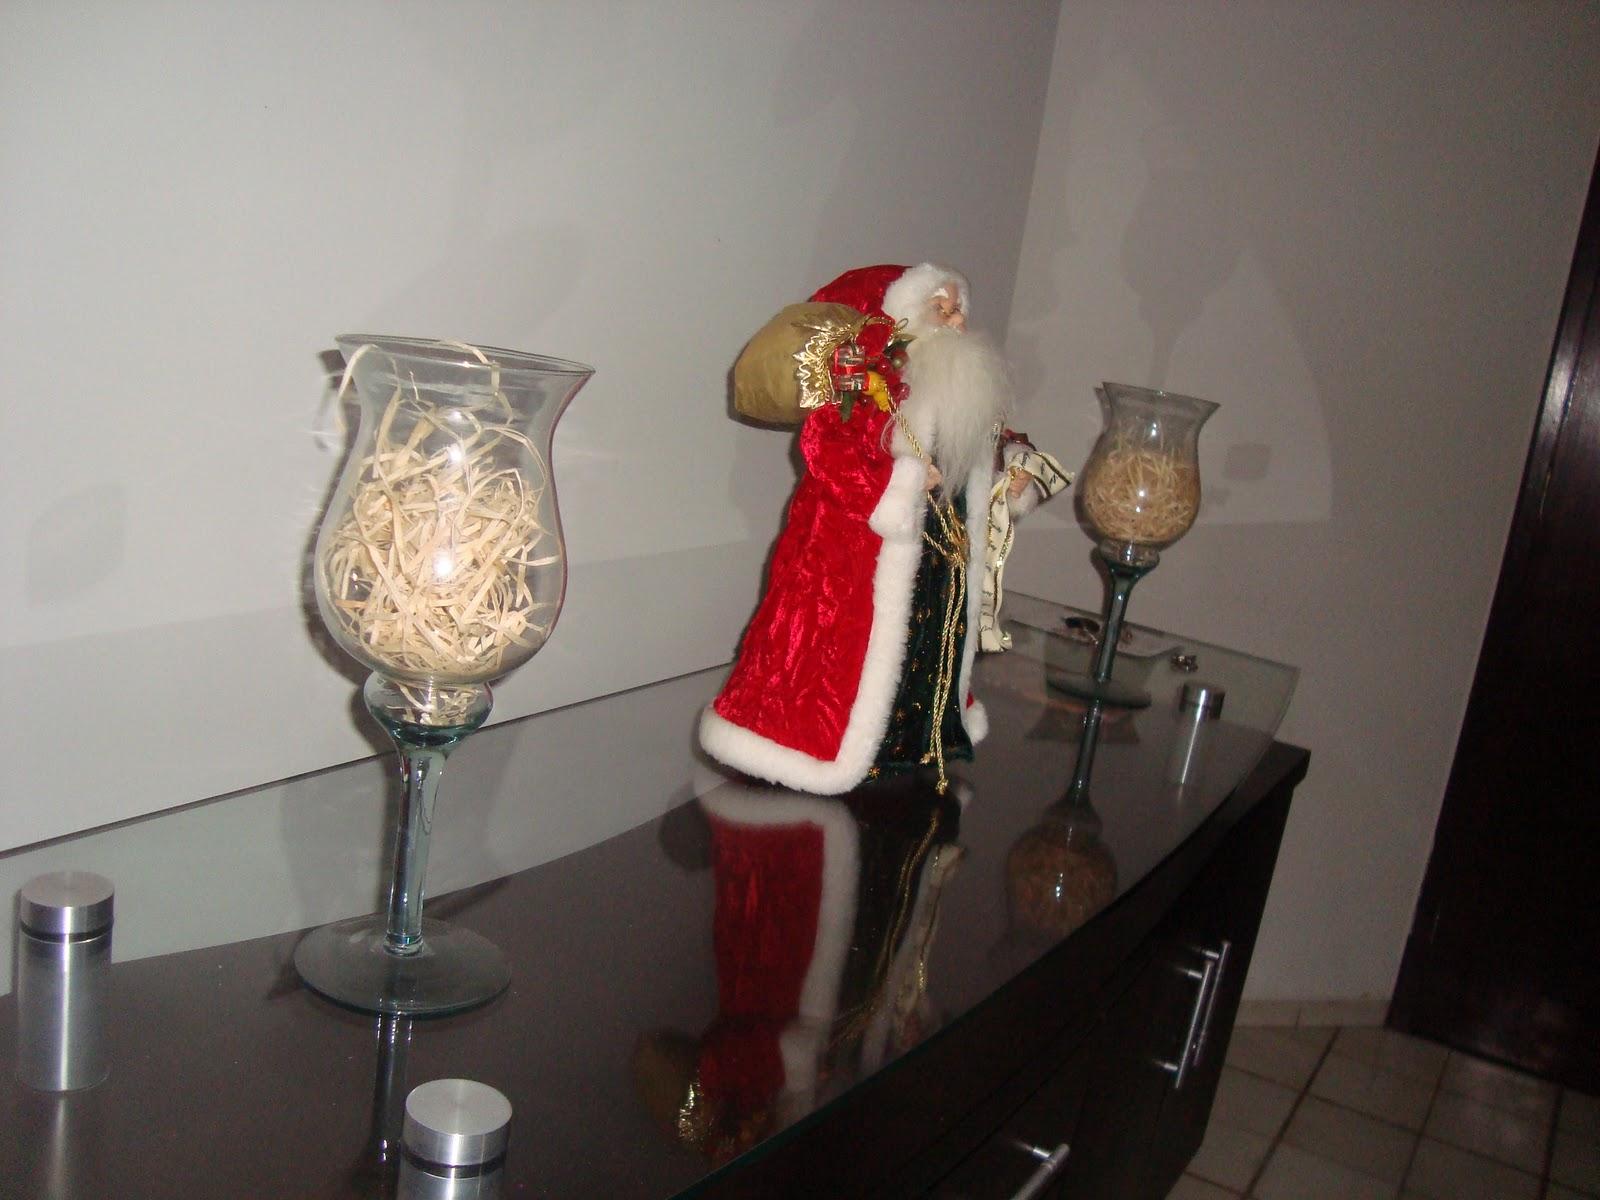 #BA0B1D na sala de jantar no barzinho da sala só pra 1600x1200 píxeis em Decoração De Sala De Jantar Para O Natal